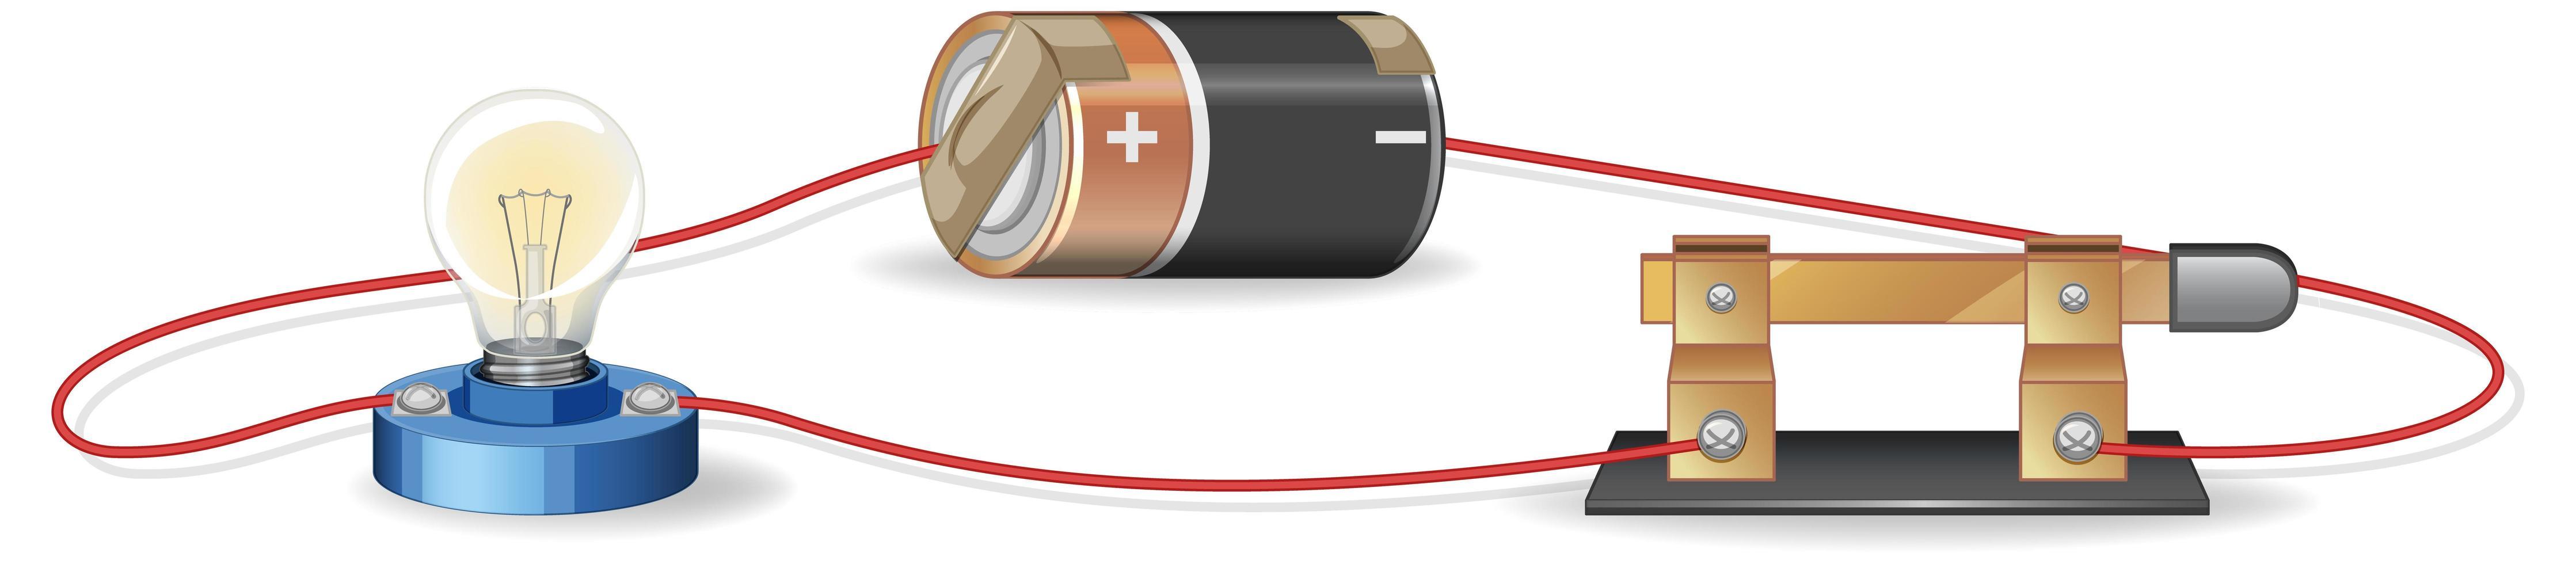 diagram met elektrisch circuit met batterij en gloeilamp vector